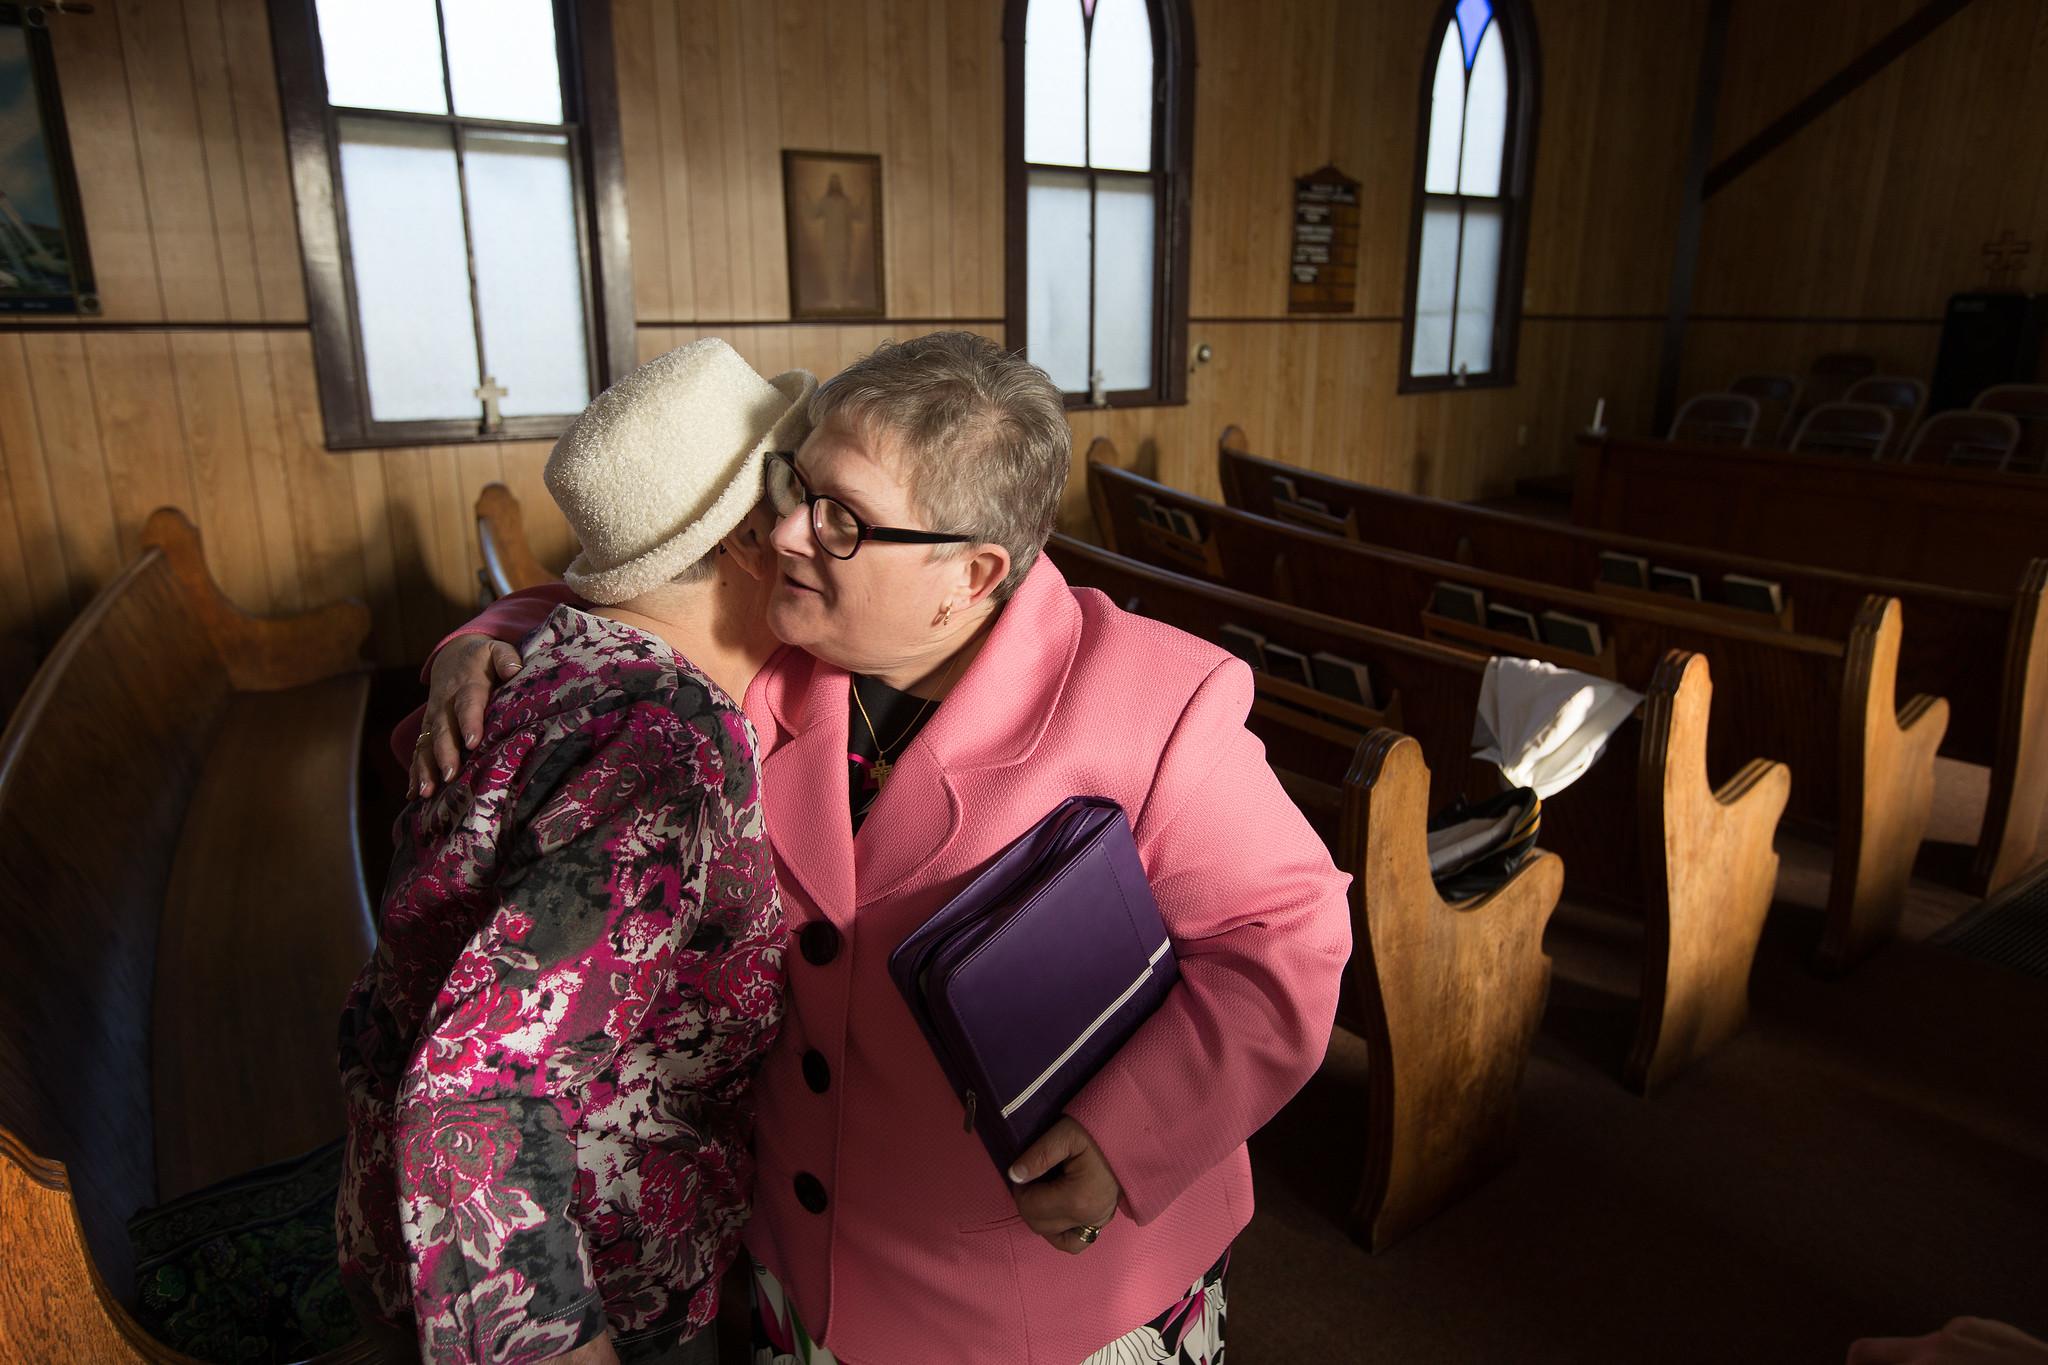 웨스트버지니아주 주니어 소재 벧엘 연합감리교회 부활절 예배에서 주디 플린(우측) 목사가 카르먼 예이거를 환영하고 있다. 사진 제공: 마이크 두보스, 연합감리교회 뉴스.